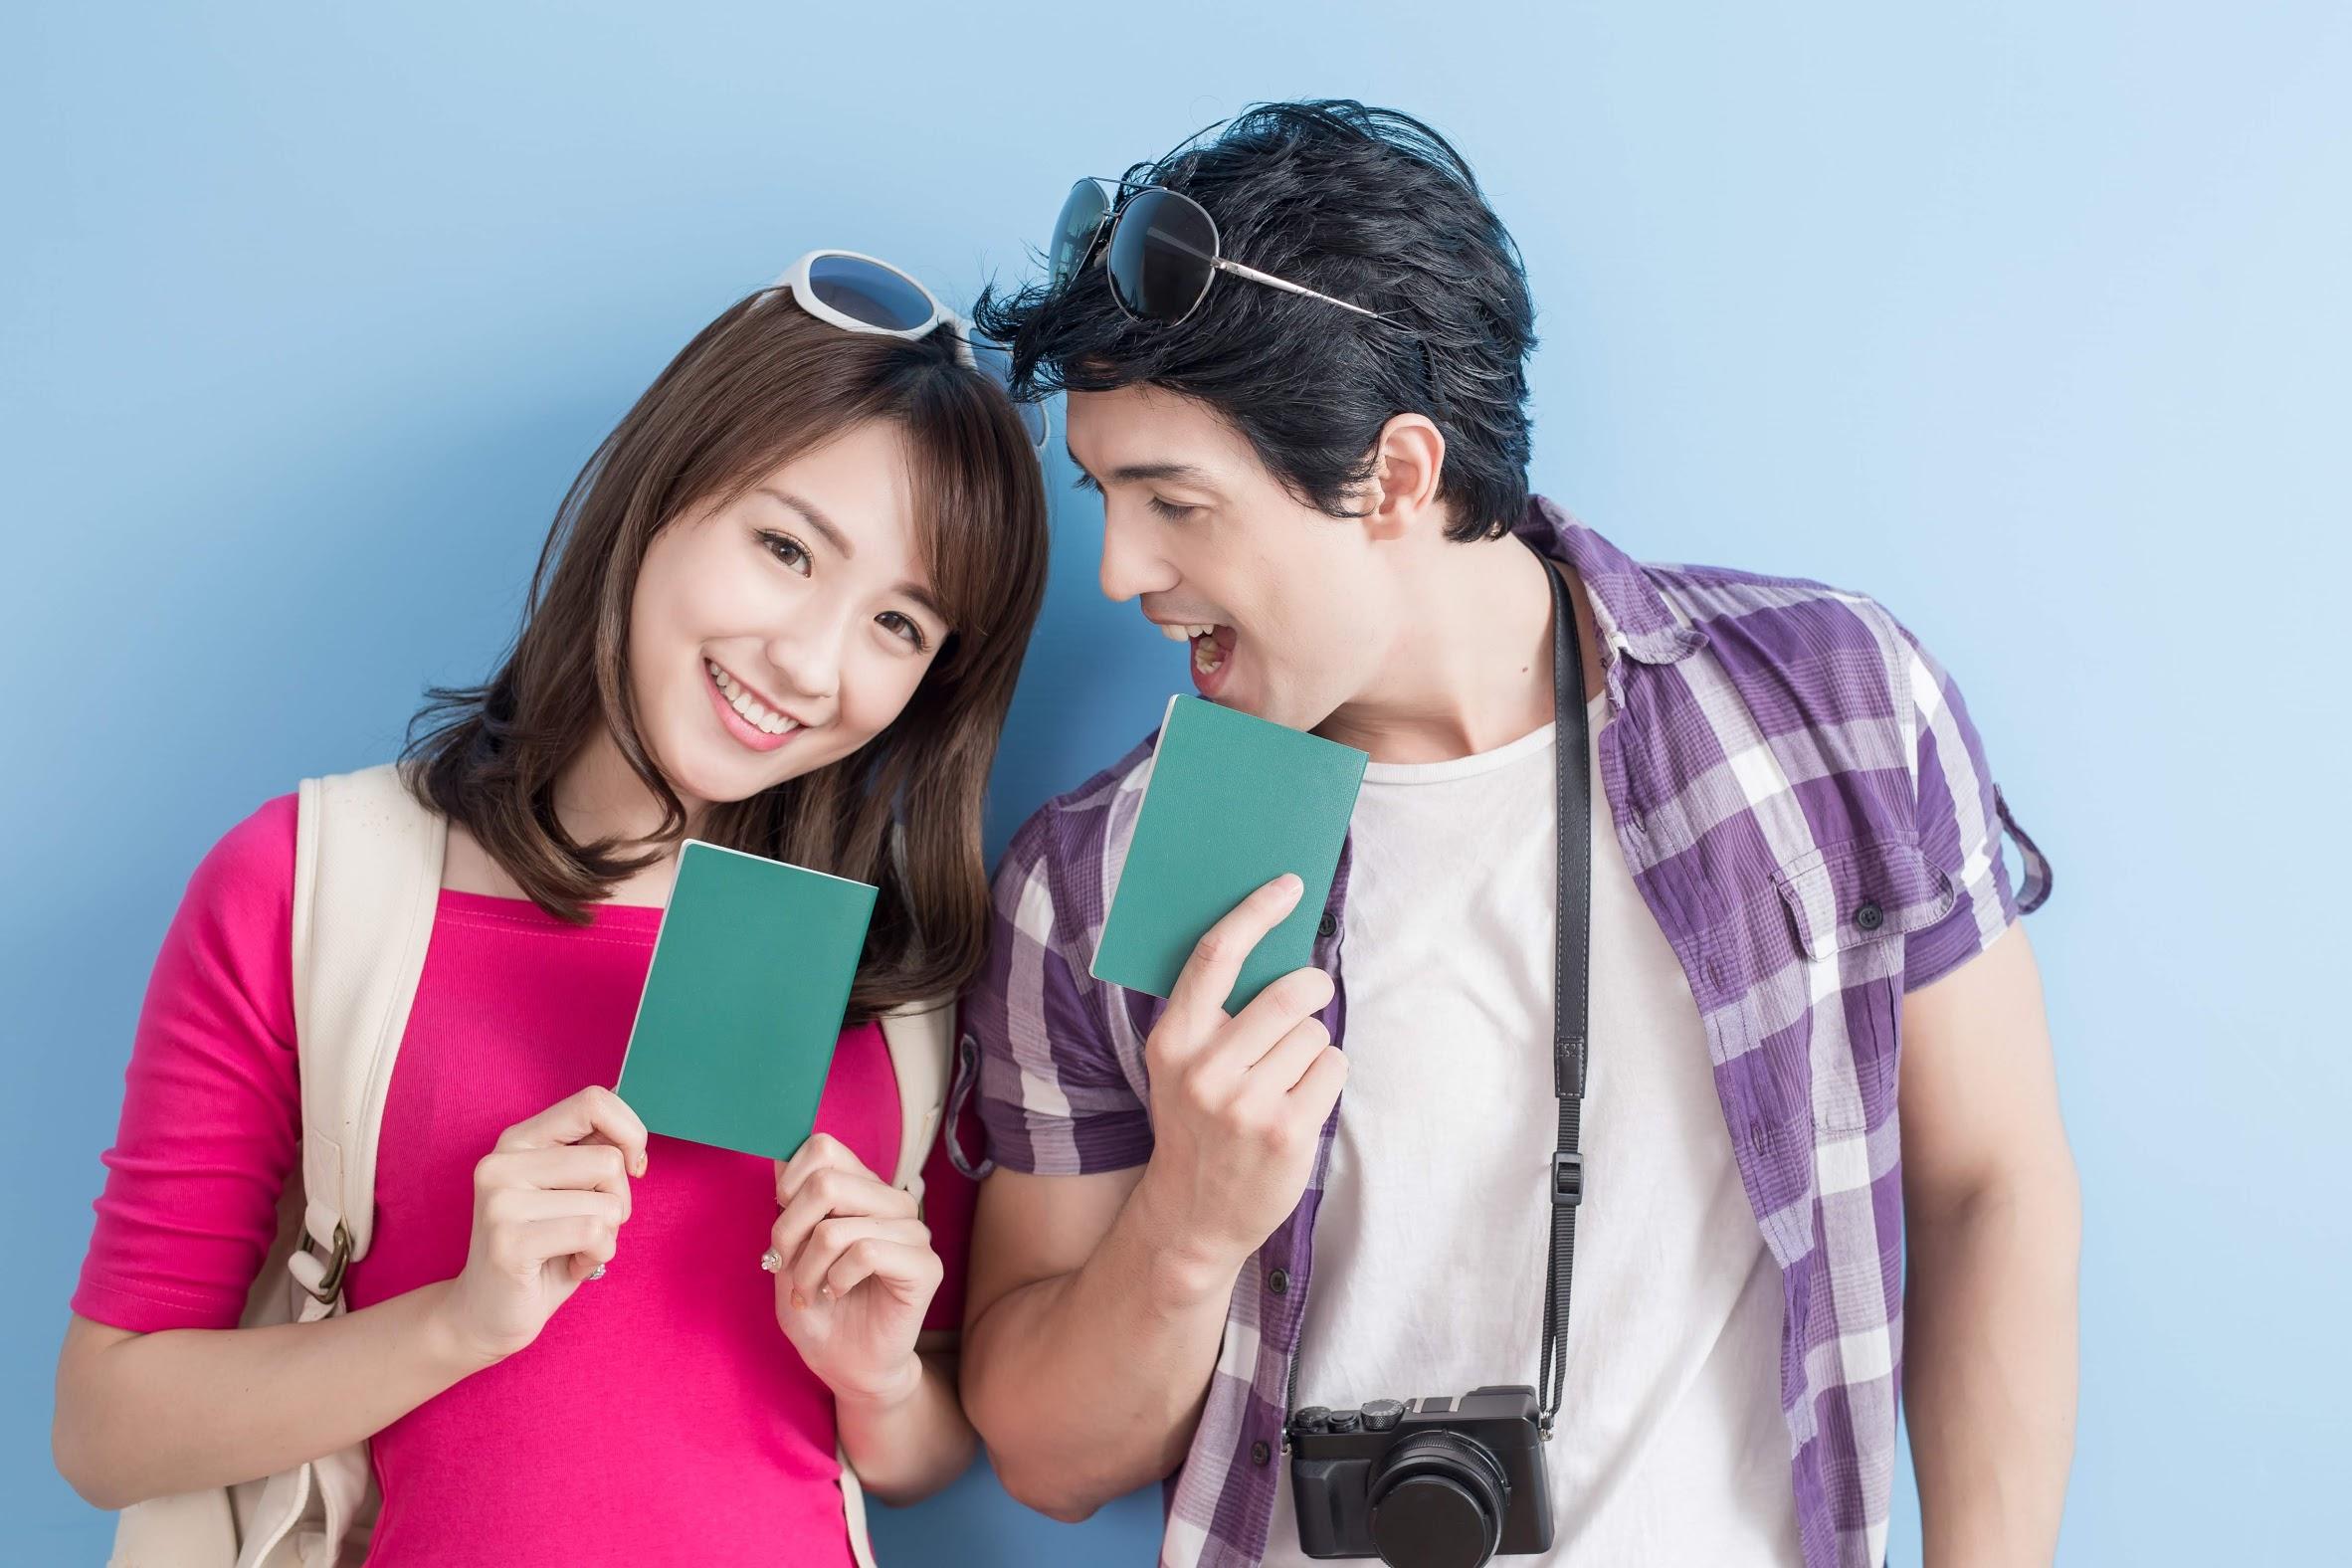 「越南簽證2021」特給香港、台灣和中國公民處理越南入境批文和隔離酒店的費用